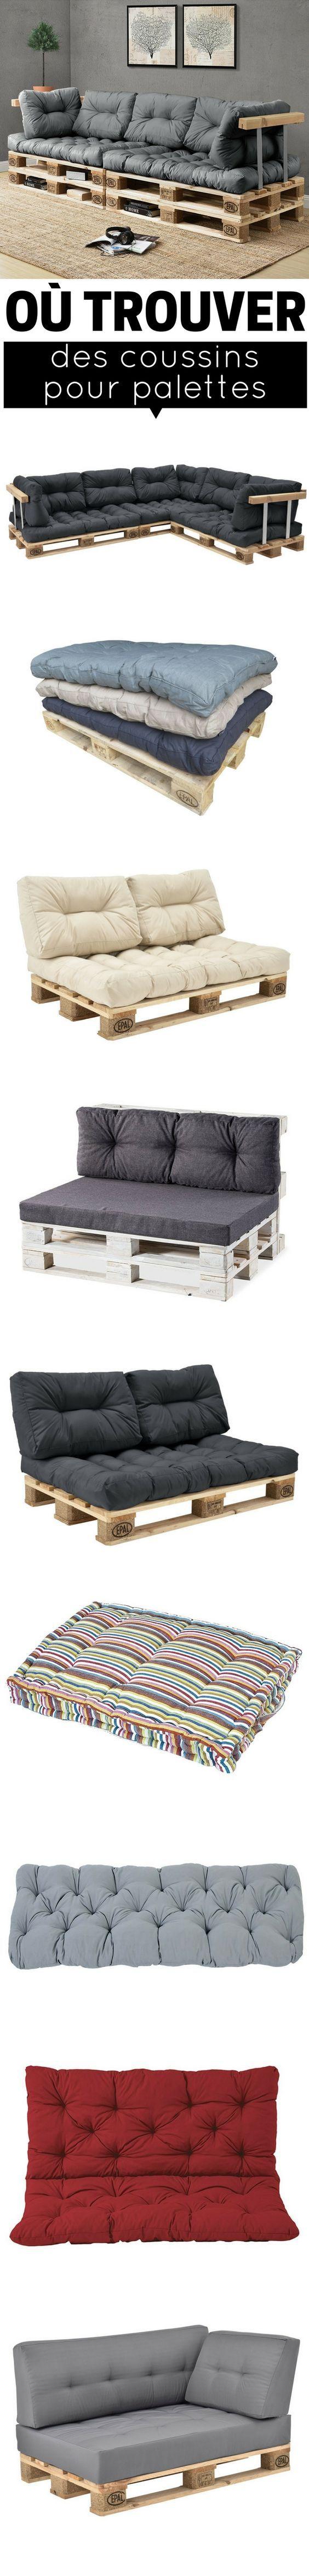 coussin pour palette o trouver des coussins pour meubles en palette meuble. Black Bedroom Furniture Sets. Home Design Ideas